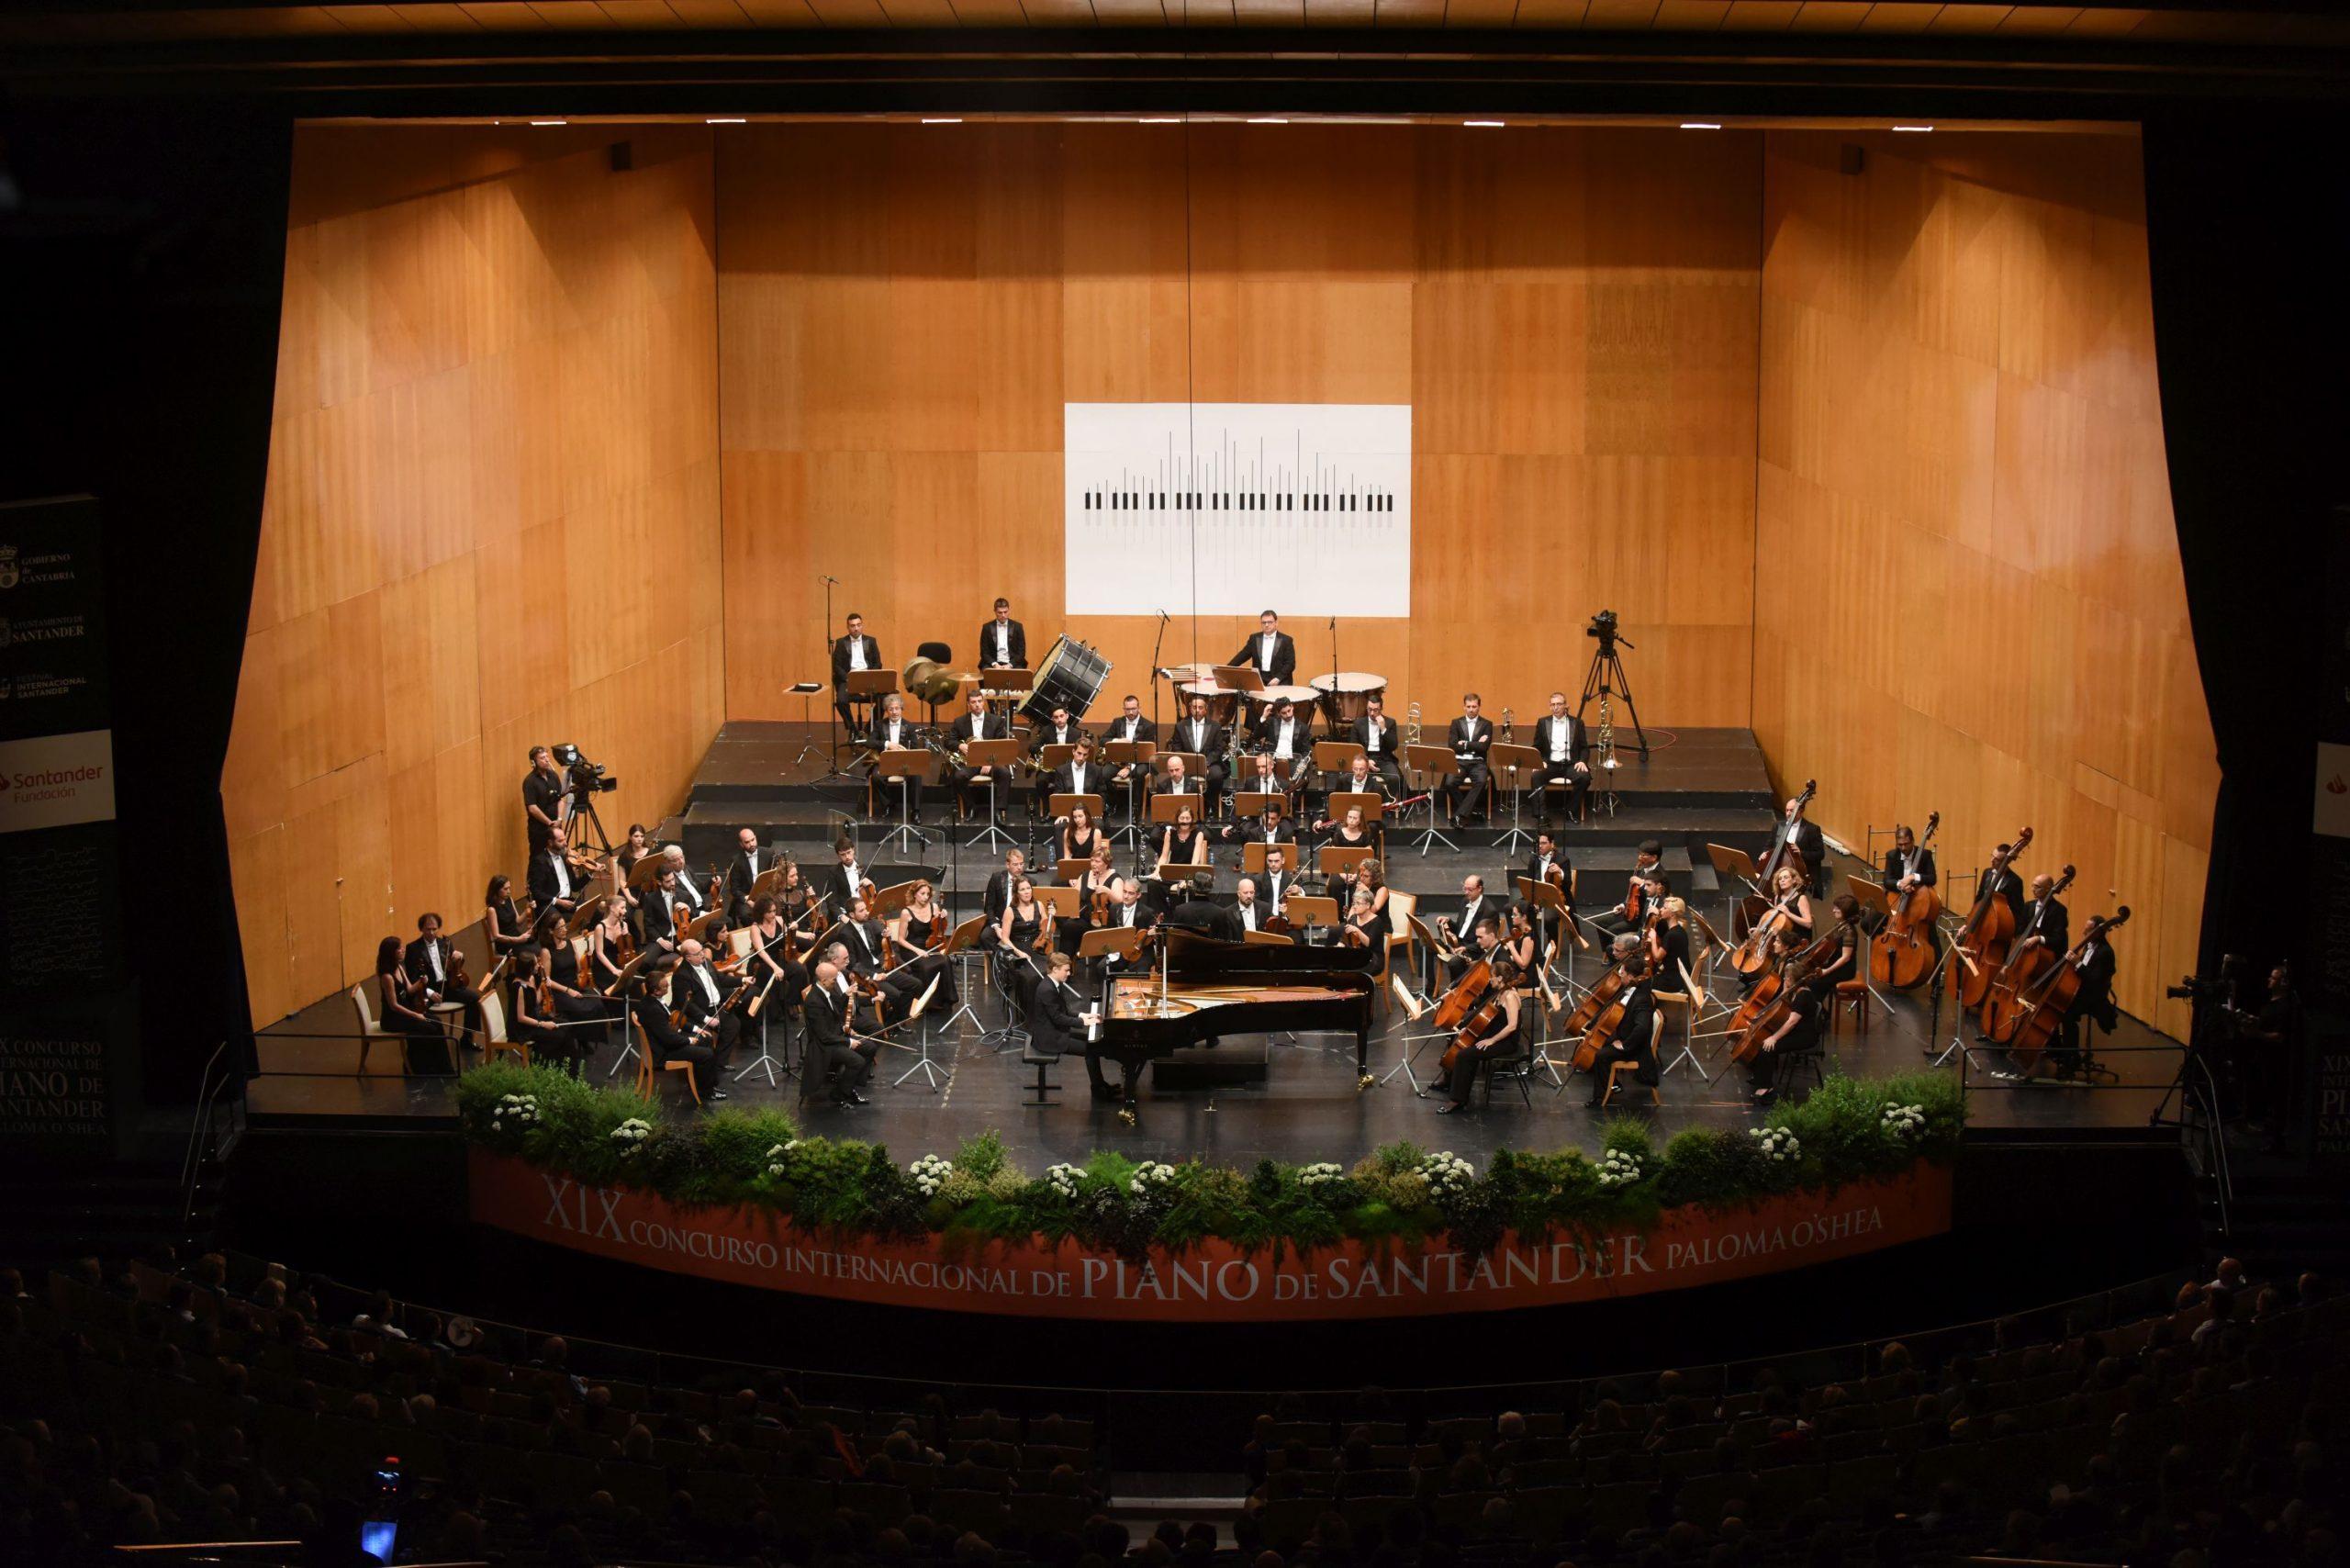 Abiertas las inscripciones al XX Concurso Internacional de Piano de Santander Paloma O'Shea